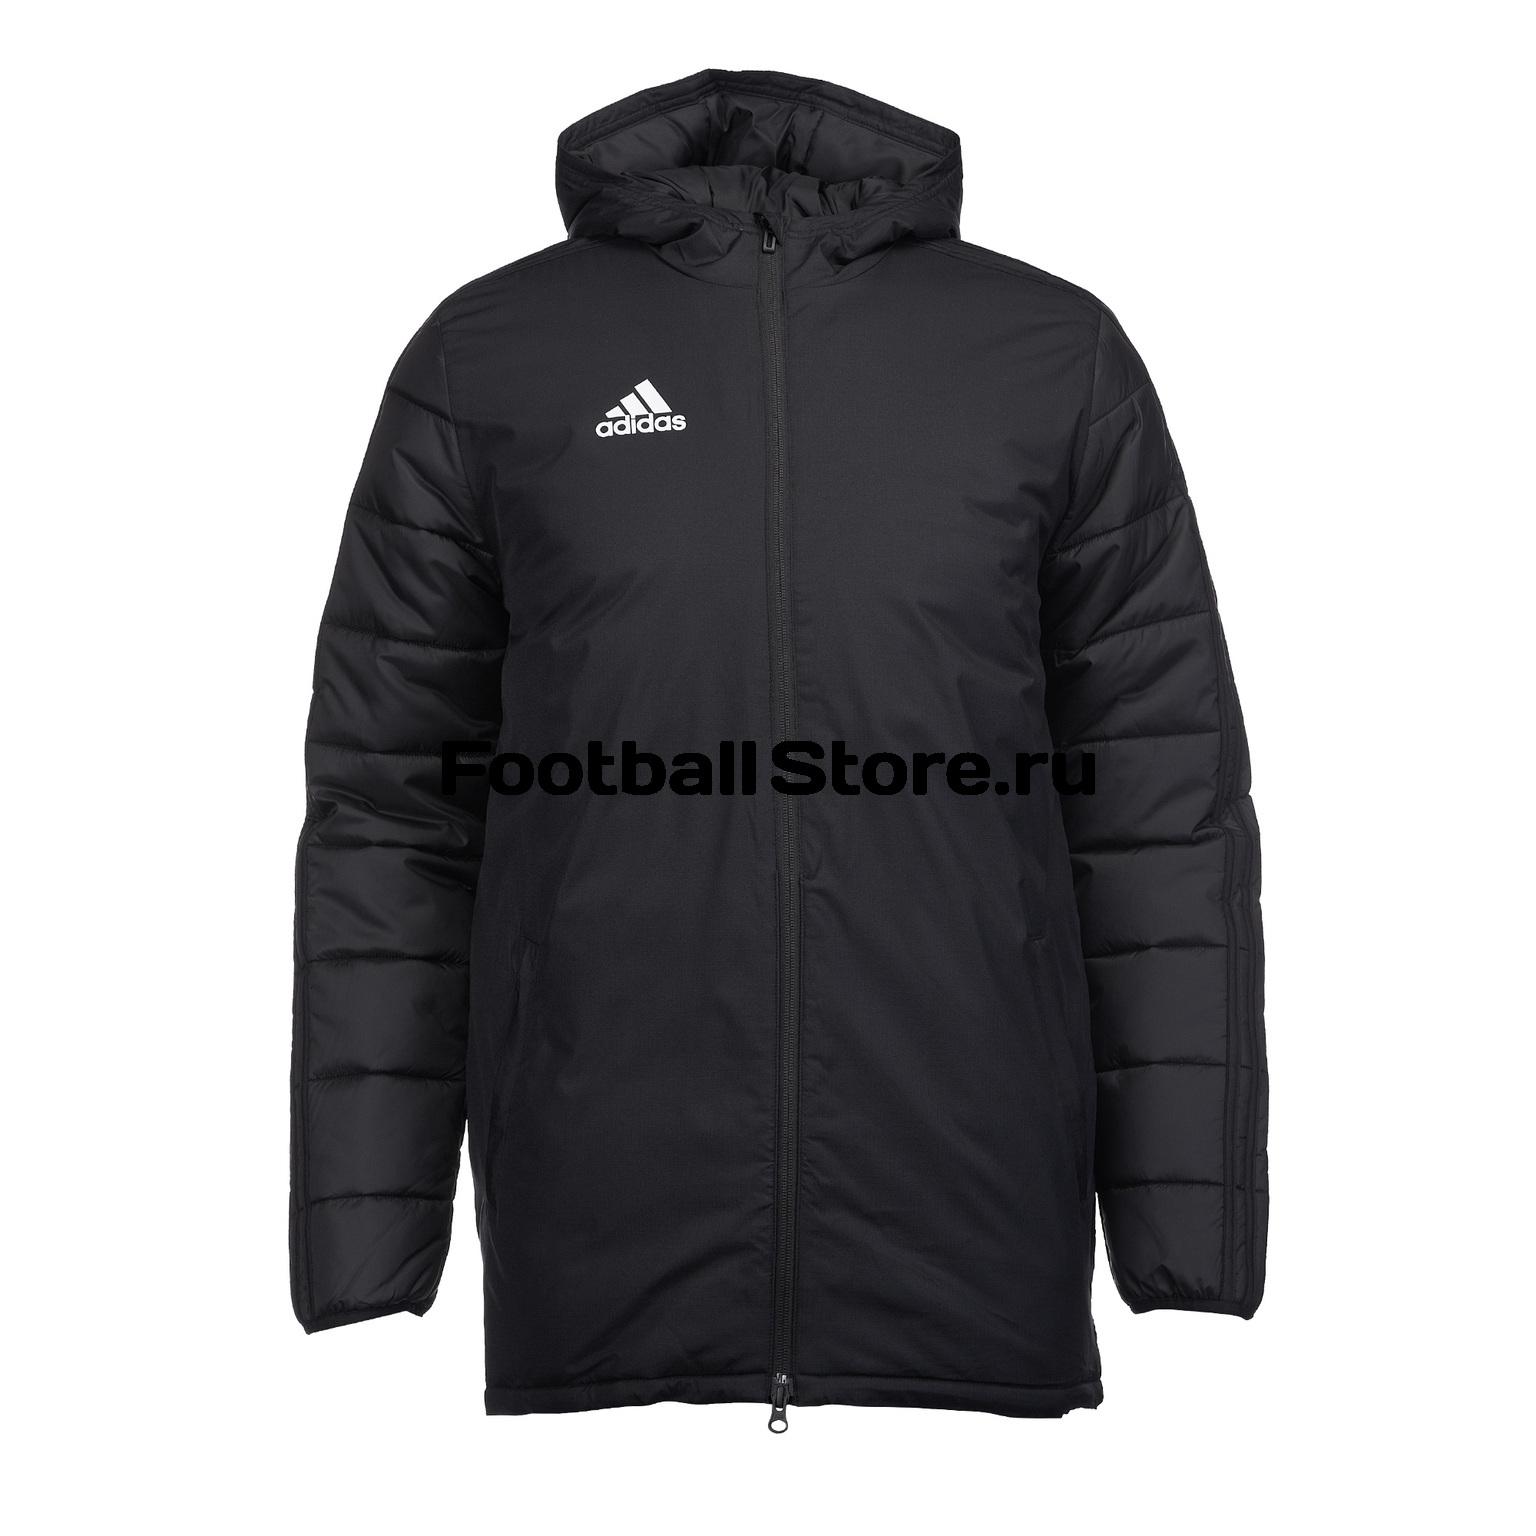 Куртка подростковая утепленная Adidas Winter BQ6598